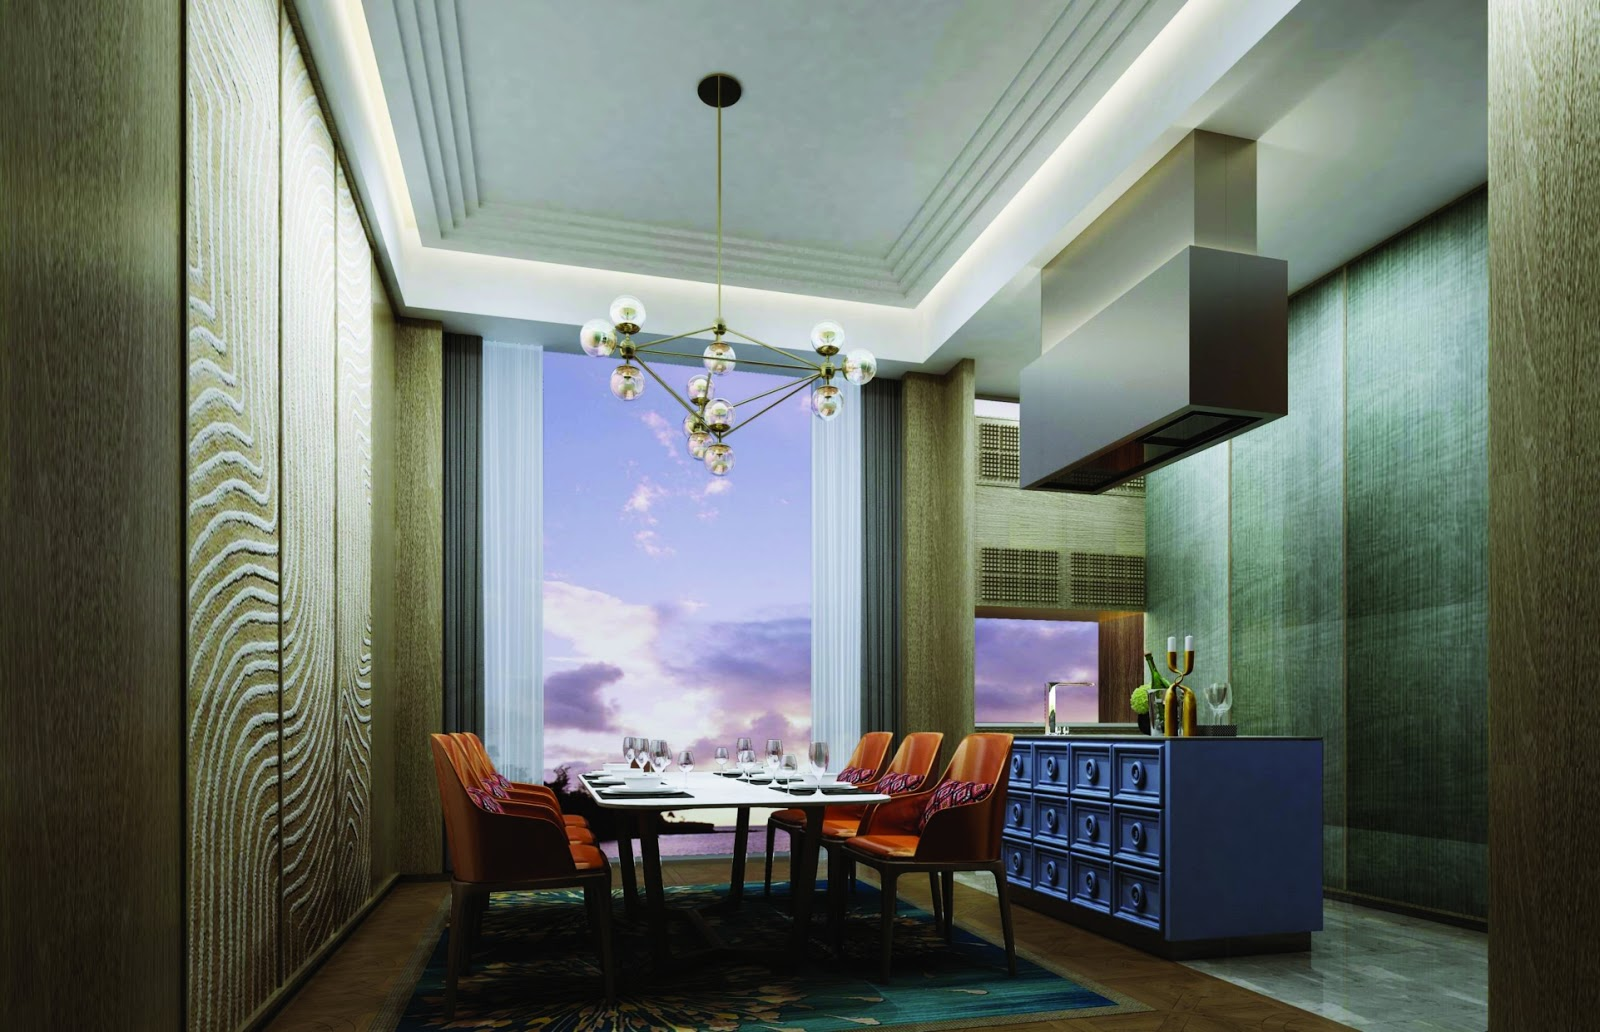 Hình ảnh căn hộ La Luna Resort Nha Trang